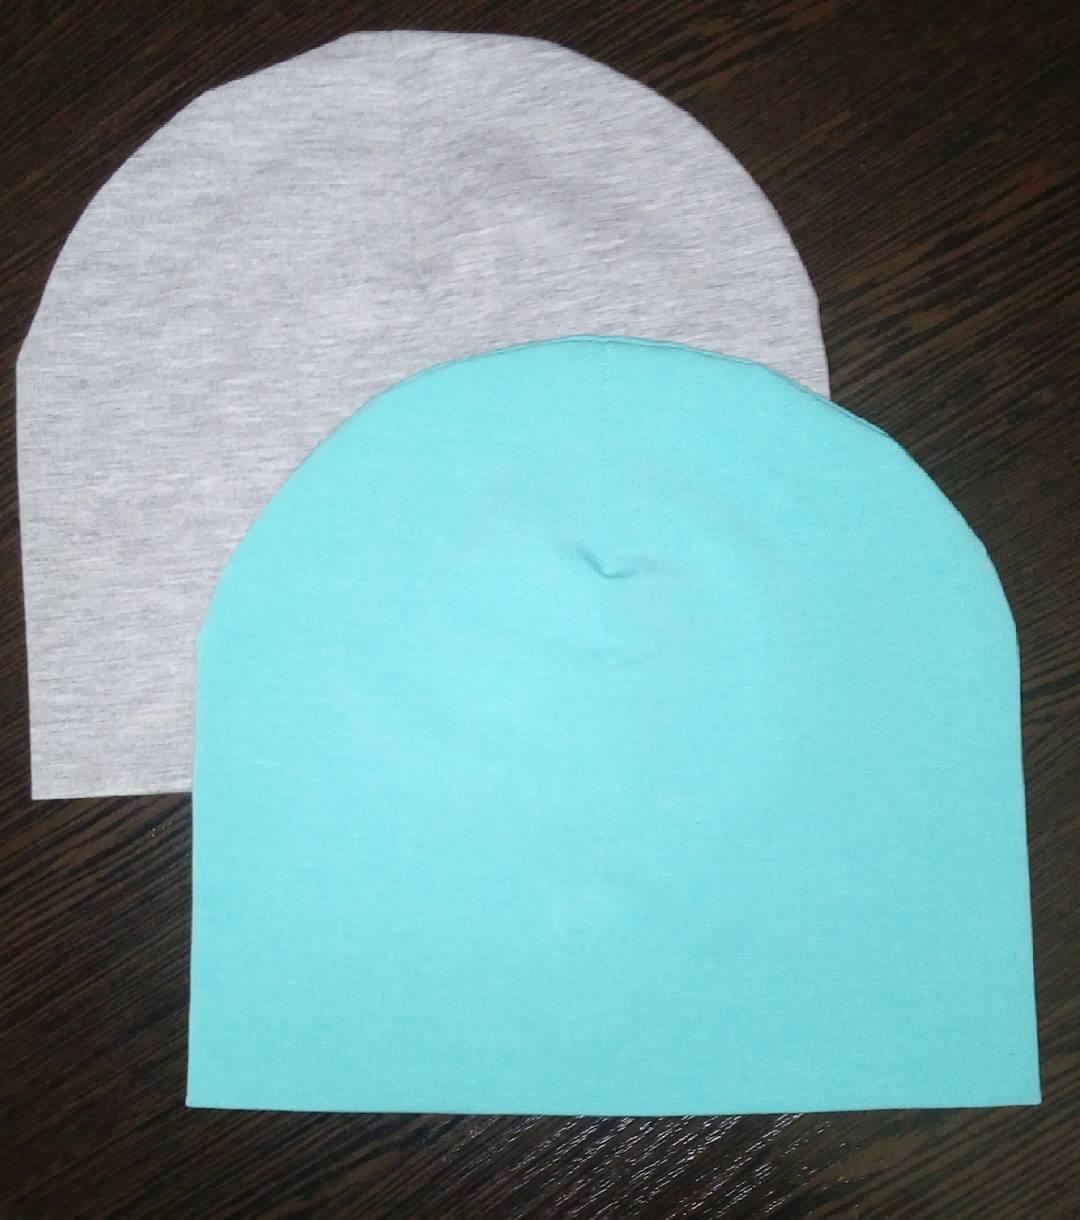 Шапочка двойной трикотаж для мальчика размер 44-46, 46-48, 48-50, 50-52, Украина